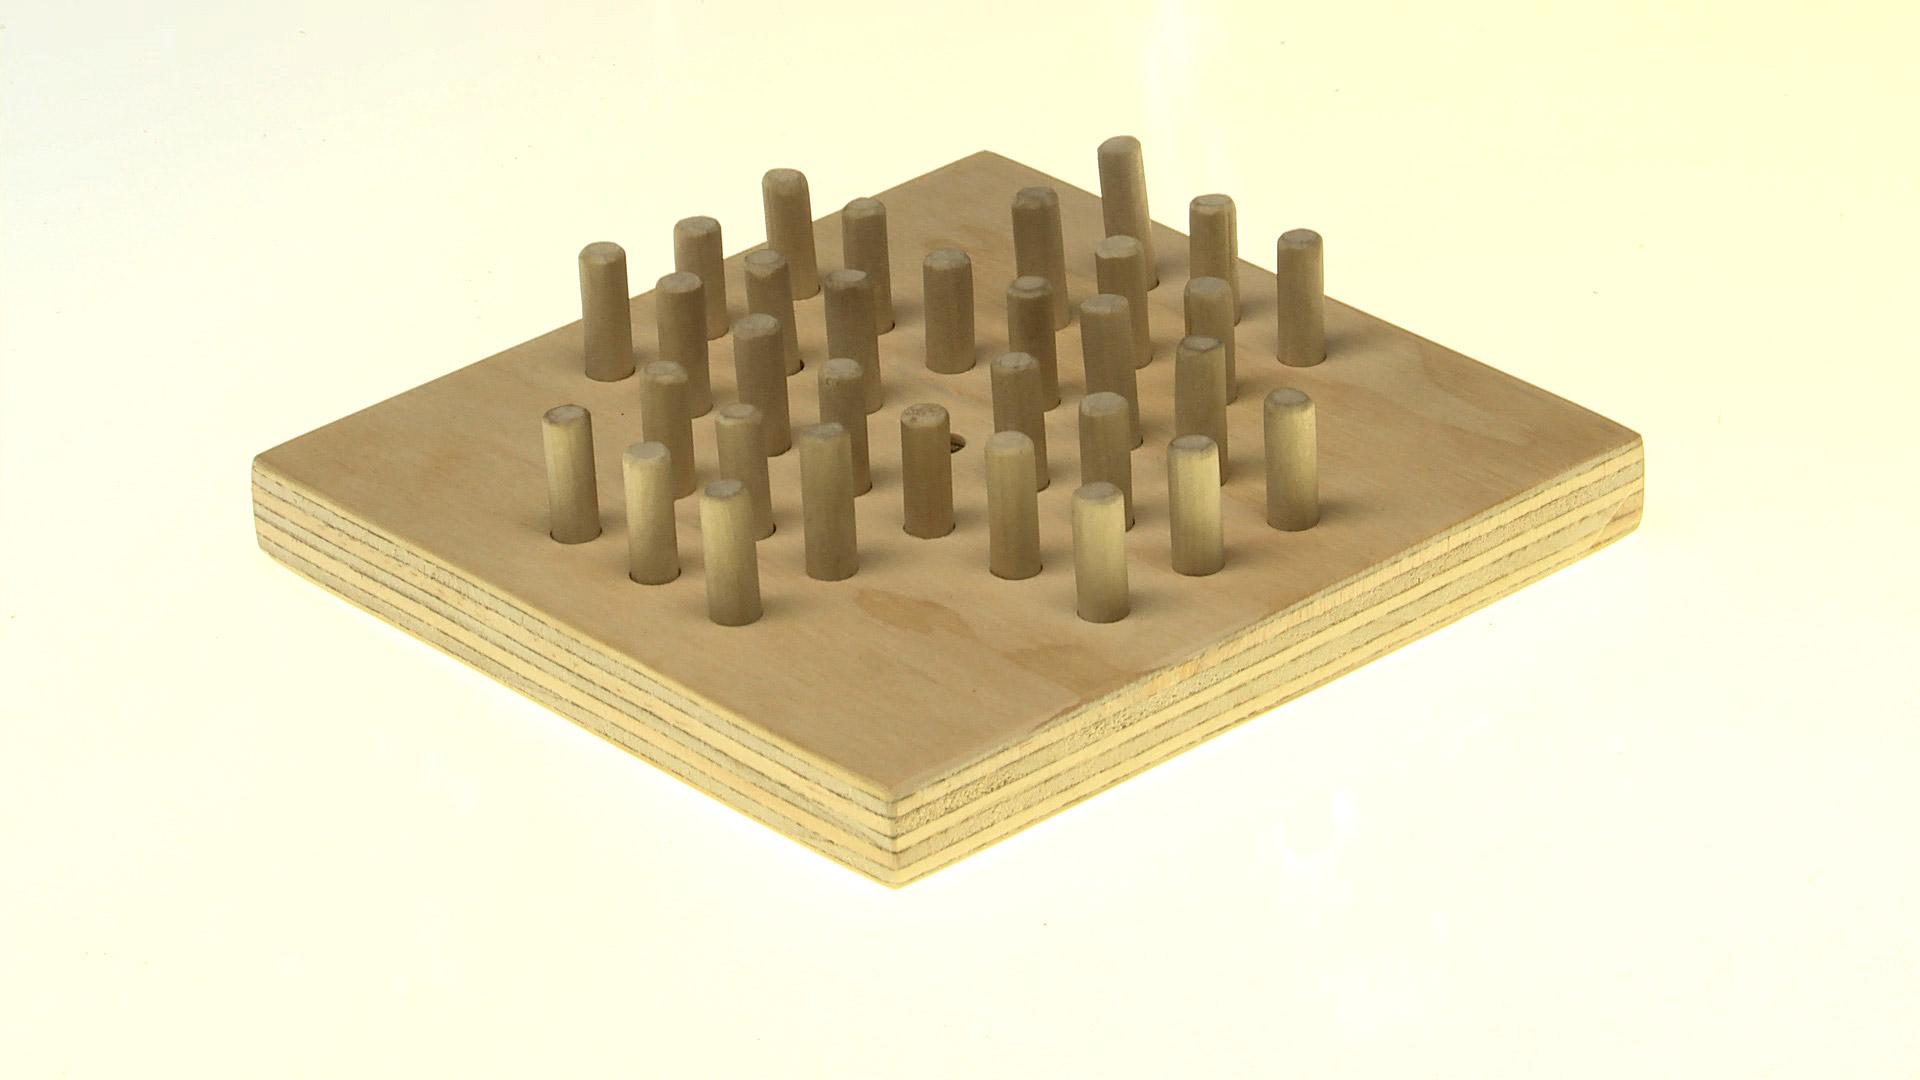 El solitario es un juego que nos puede entretener durante horas, y que consiste en ir comiéndose una a una las piezas, usando para eso los agujeros libres que van quedando en el tablero. El objetivo es que al final quede sólo una pieza al centro.